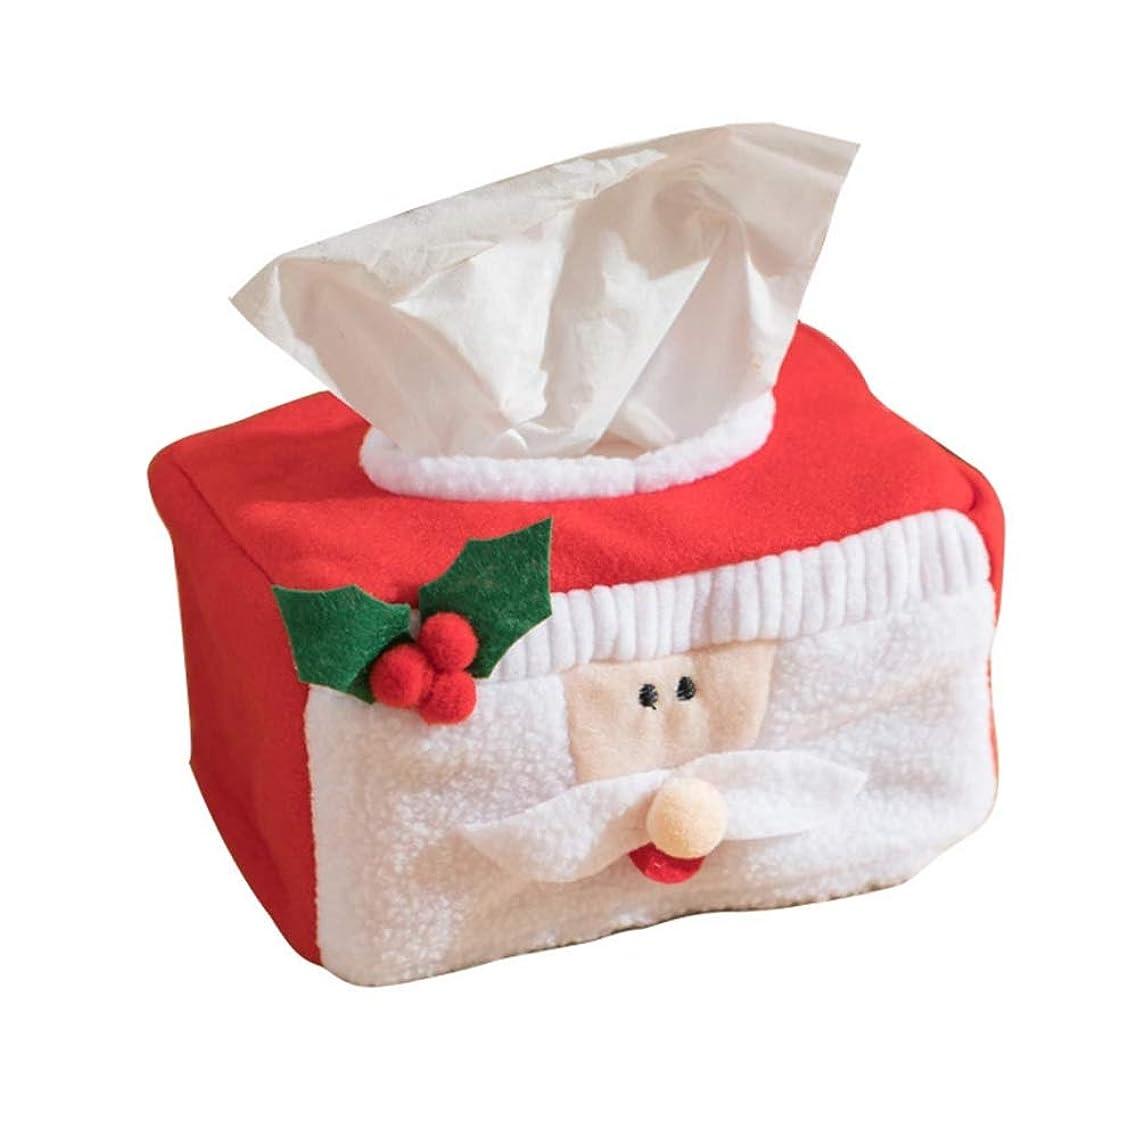 動経度ドルティッシュケース クリスマス ティッシュボックス 収納ボックス ティッシュ箱 可愛い サンタクロース ペーパーカバー ホルダーインテリア用品 クリスマス デコレーション 雑貨 (サンタクロース)